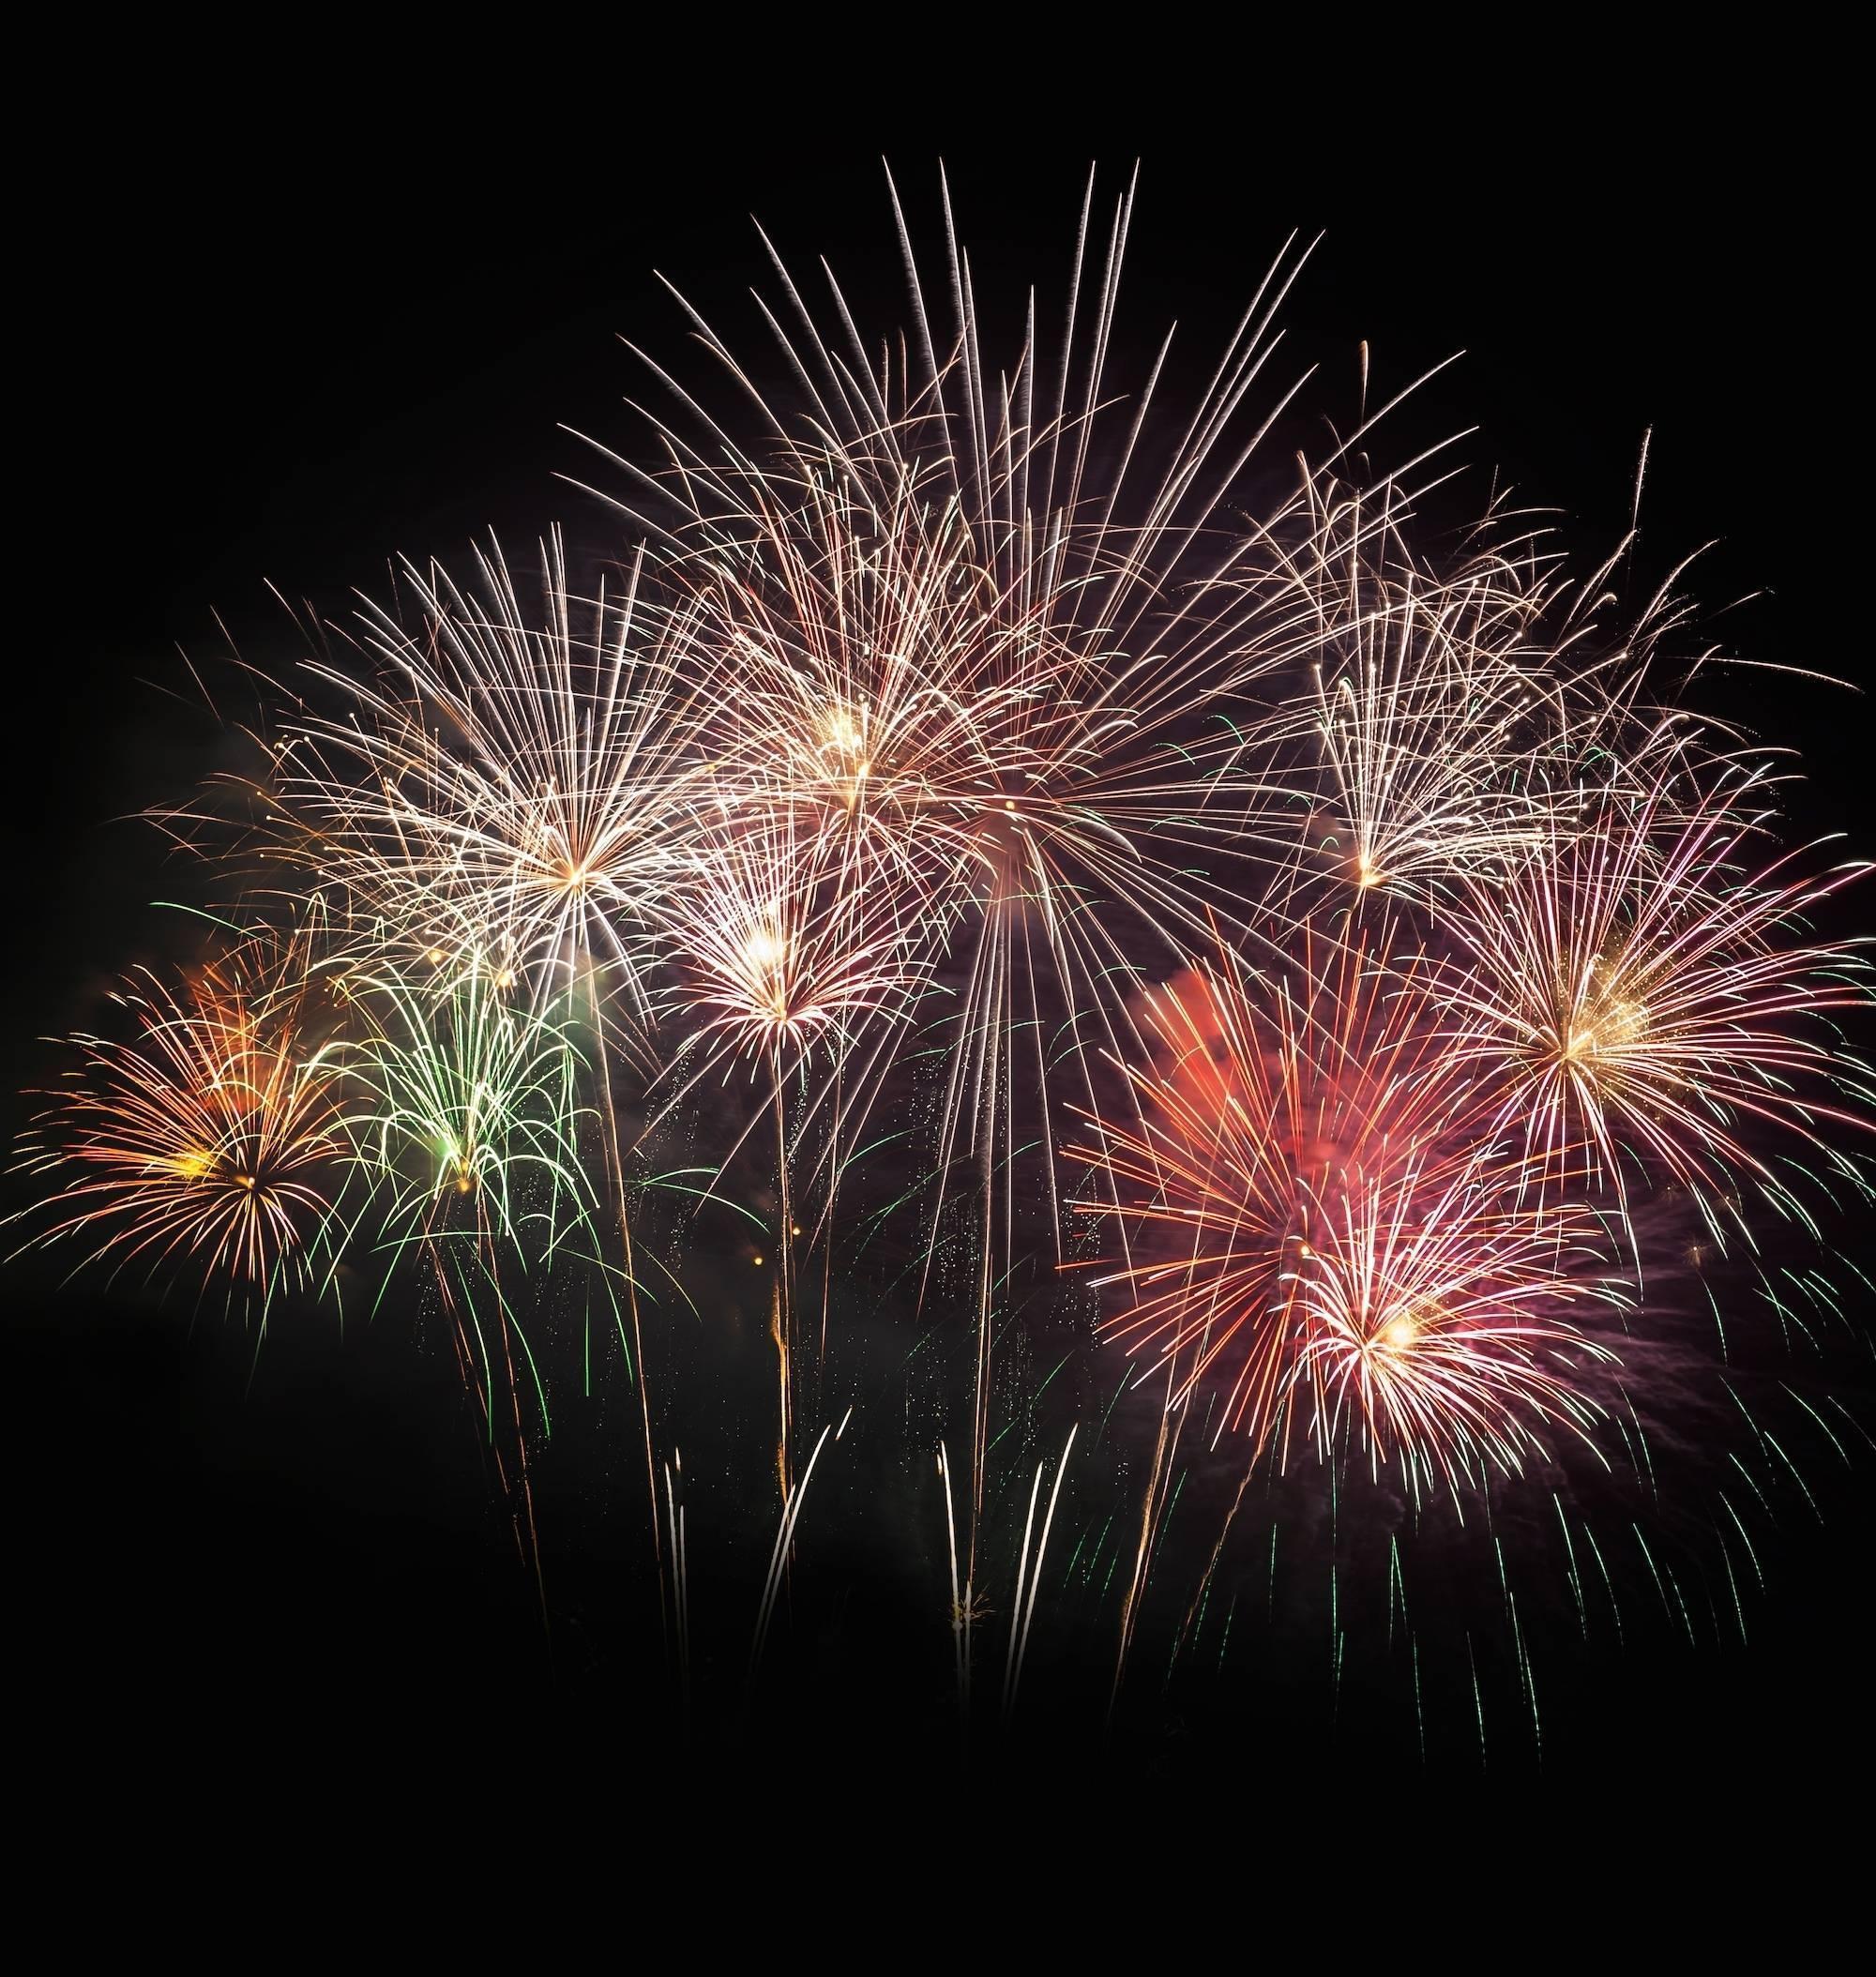 Cranford Residents Upset With Fireworks Date Change, OEM Cites Safety Concerns